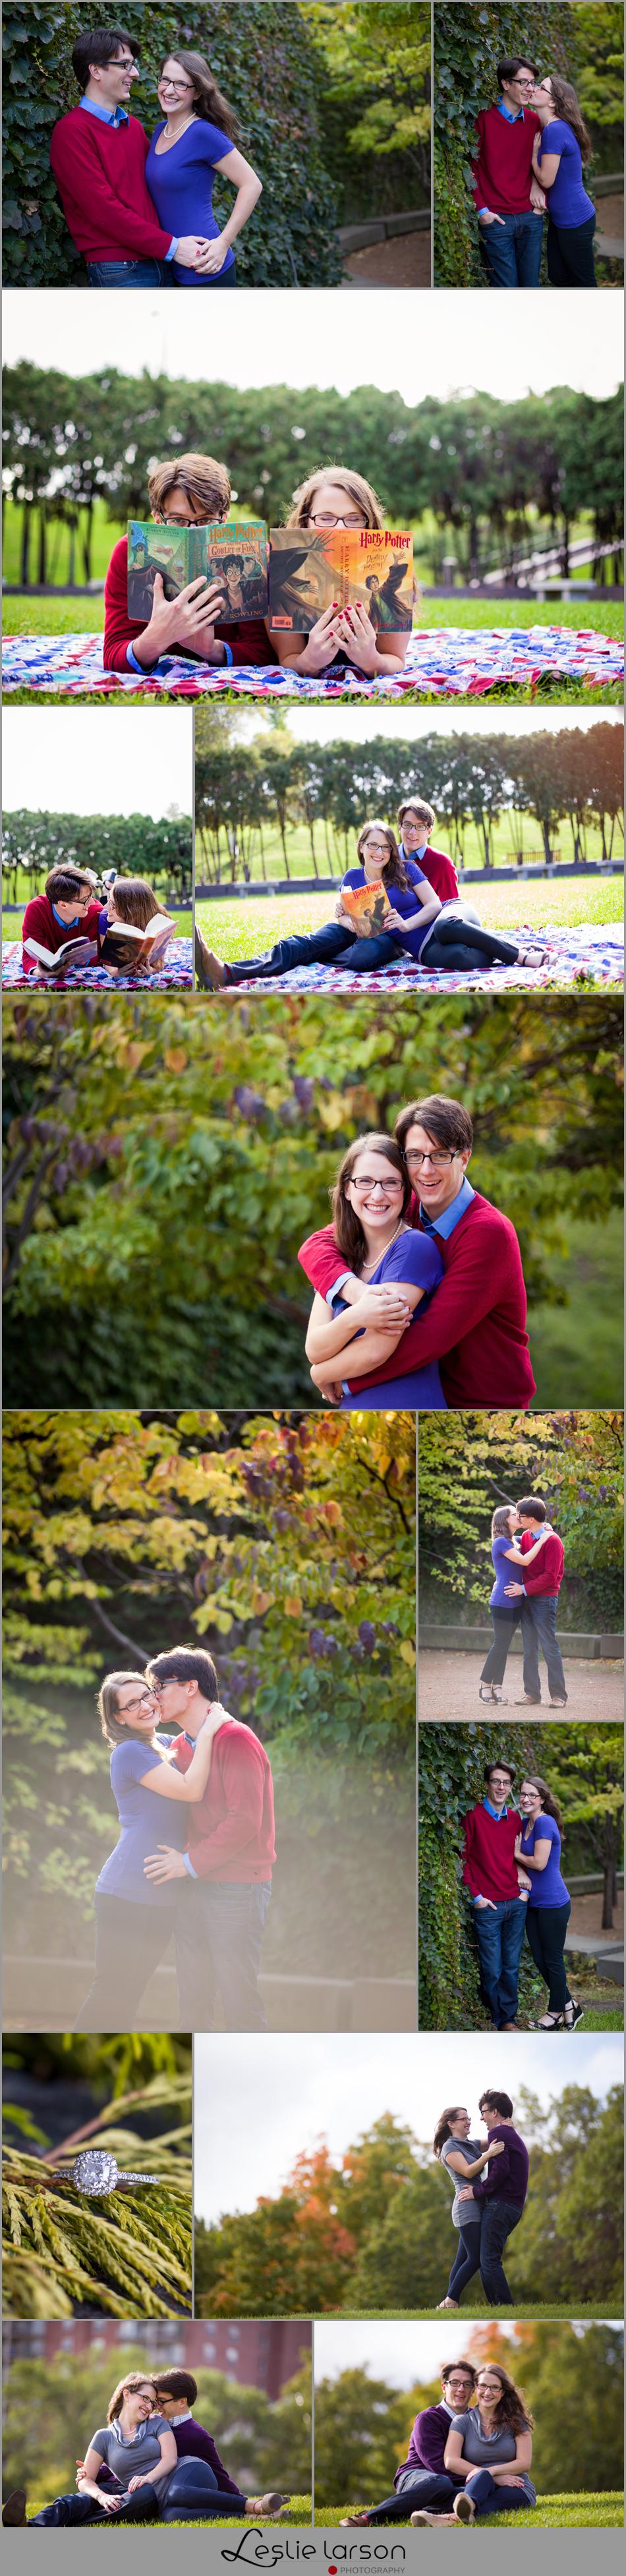 Amy & Chris Loring Park Sculpture Gardens engagement